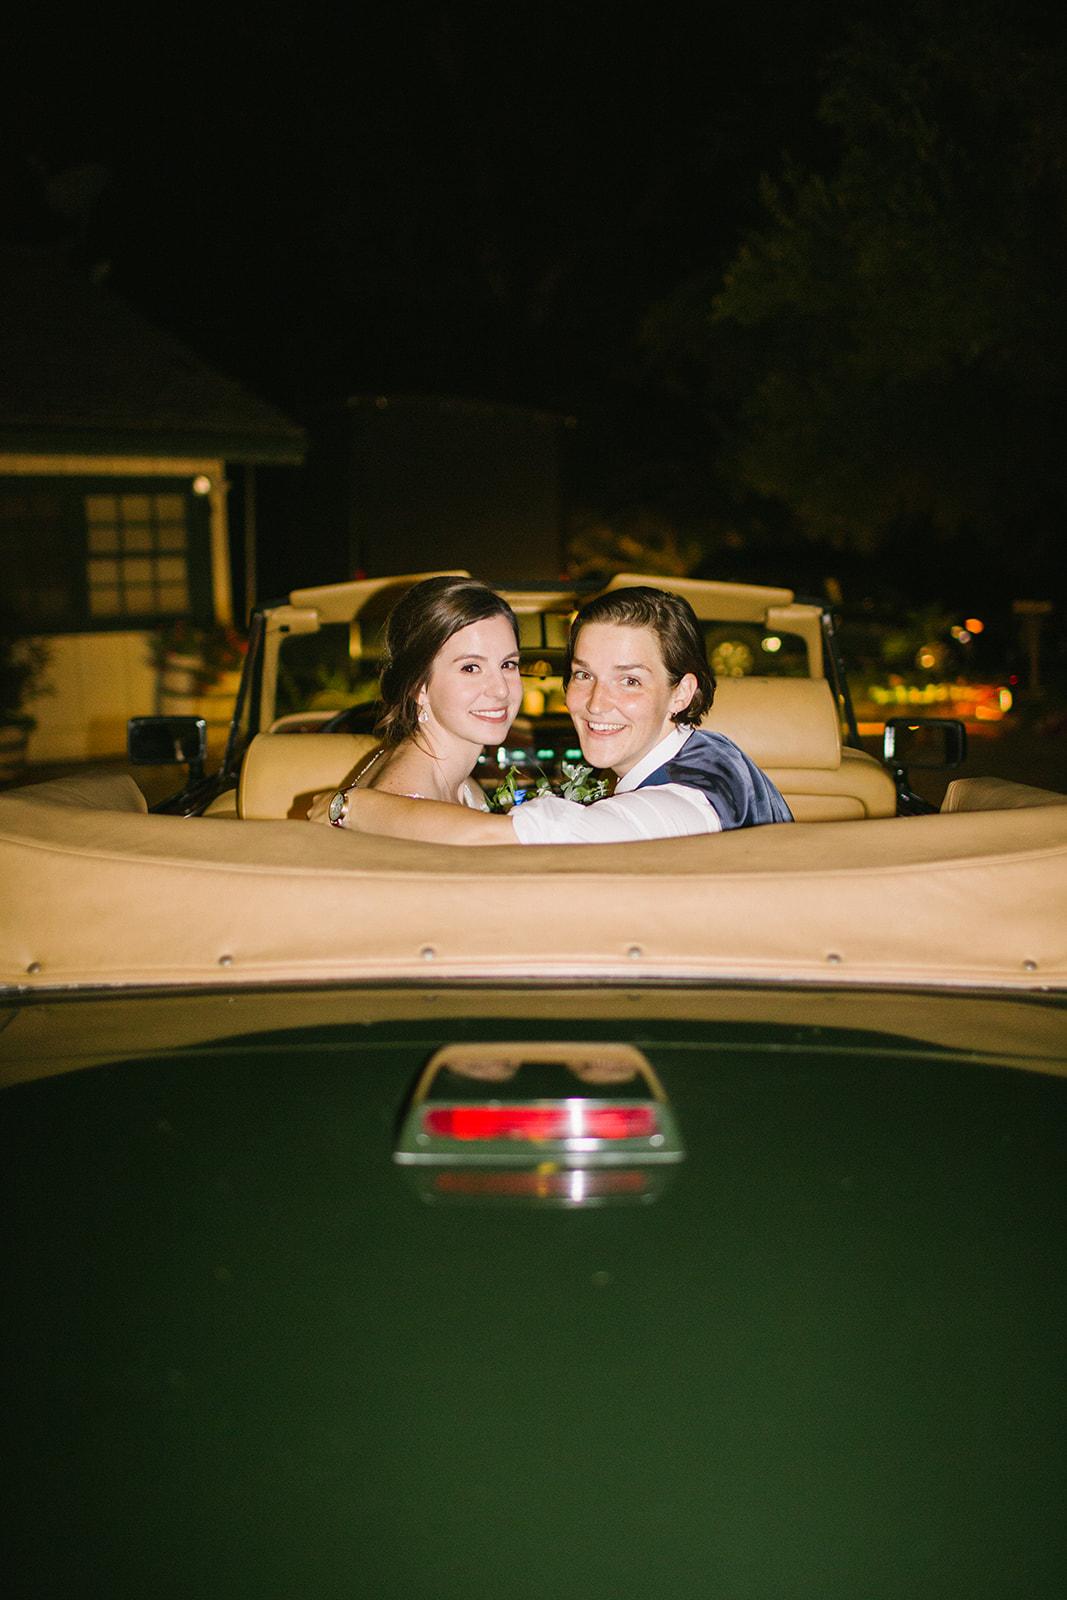 Rolls_Royce_Getaway_Car